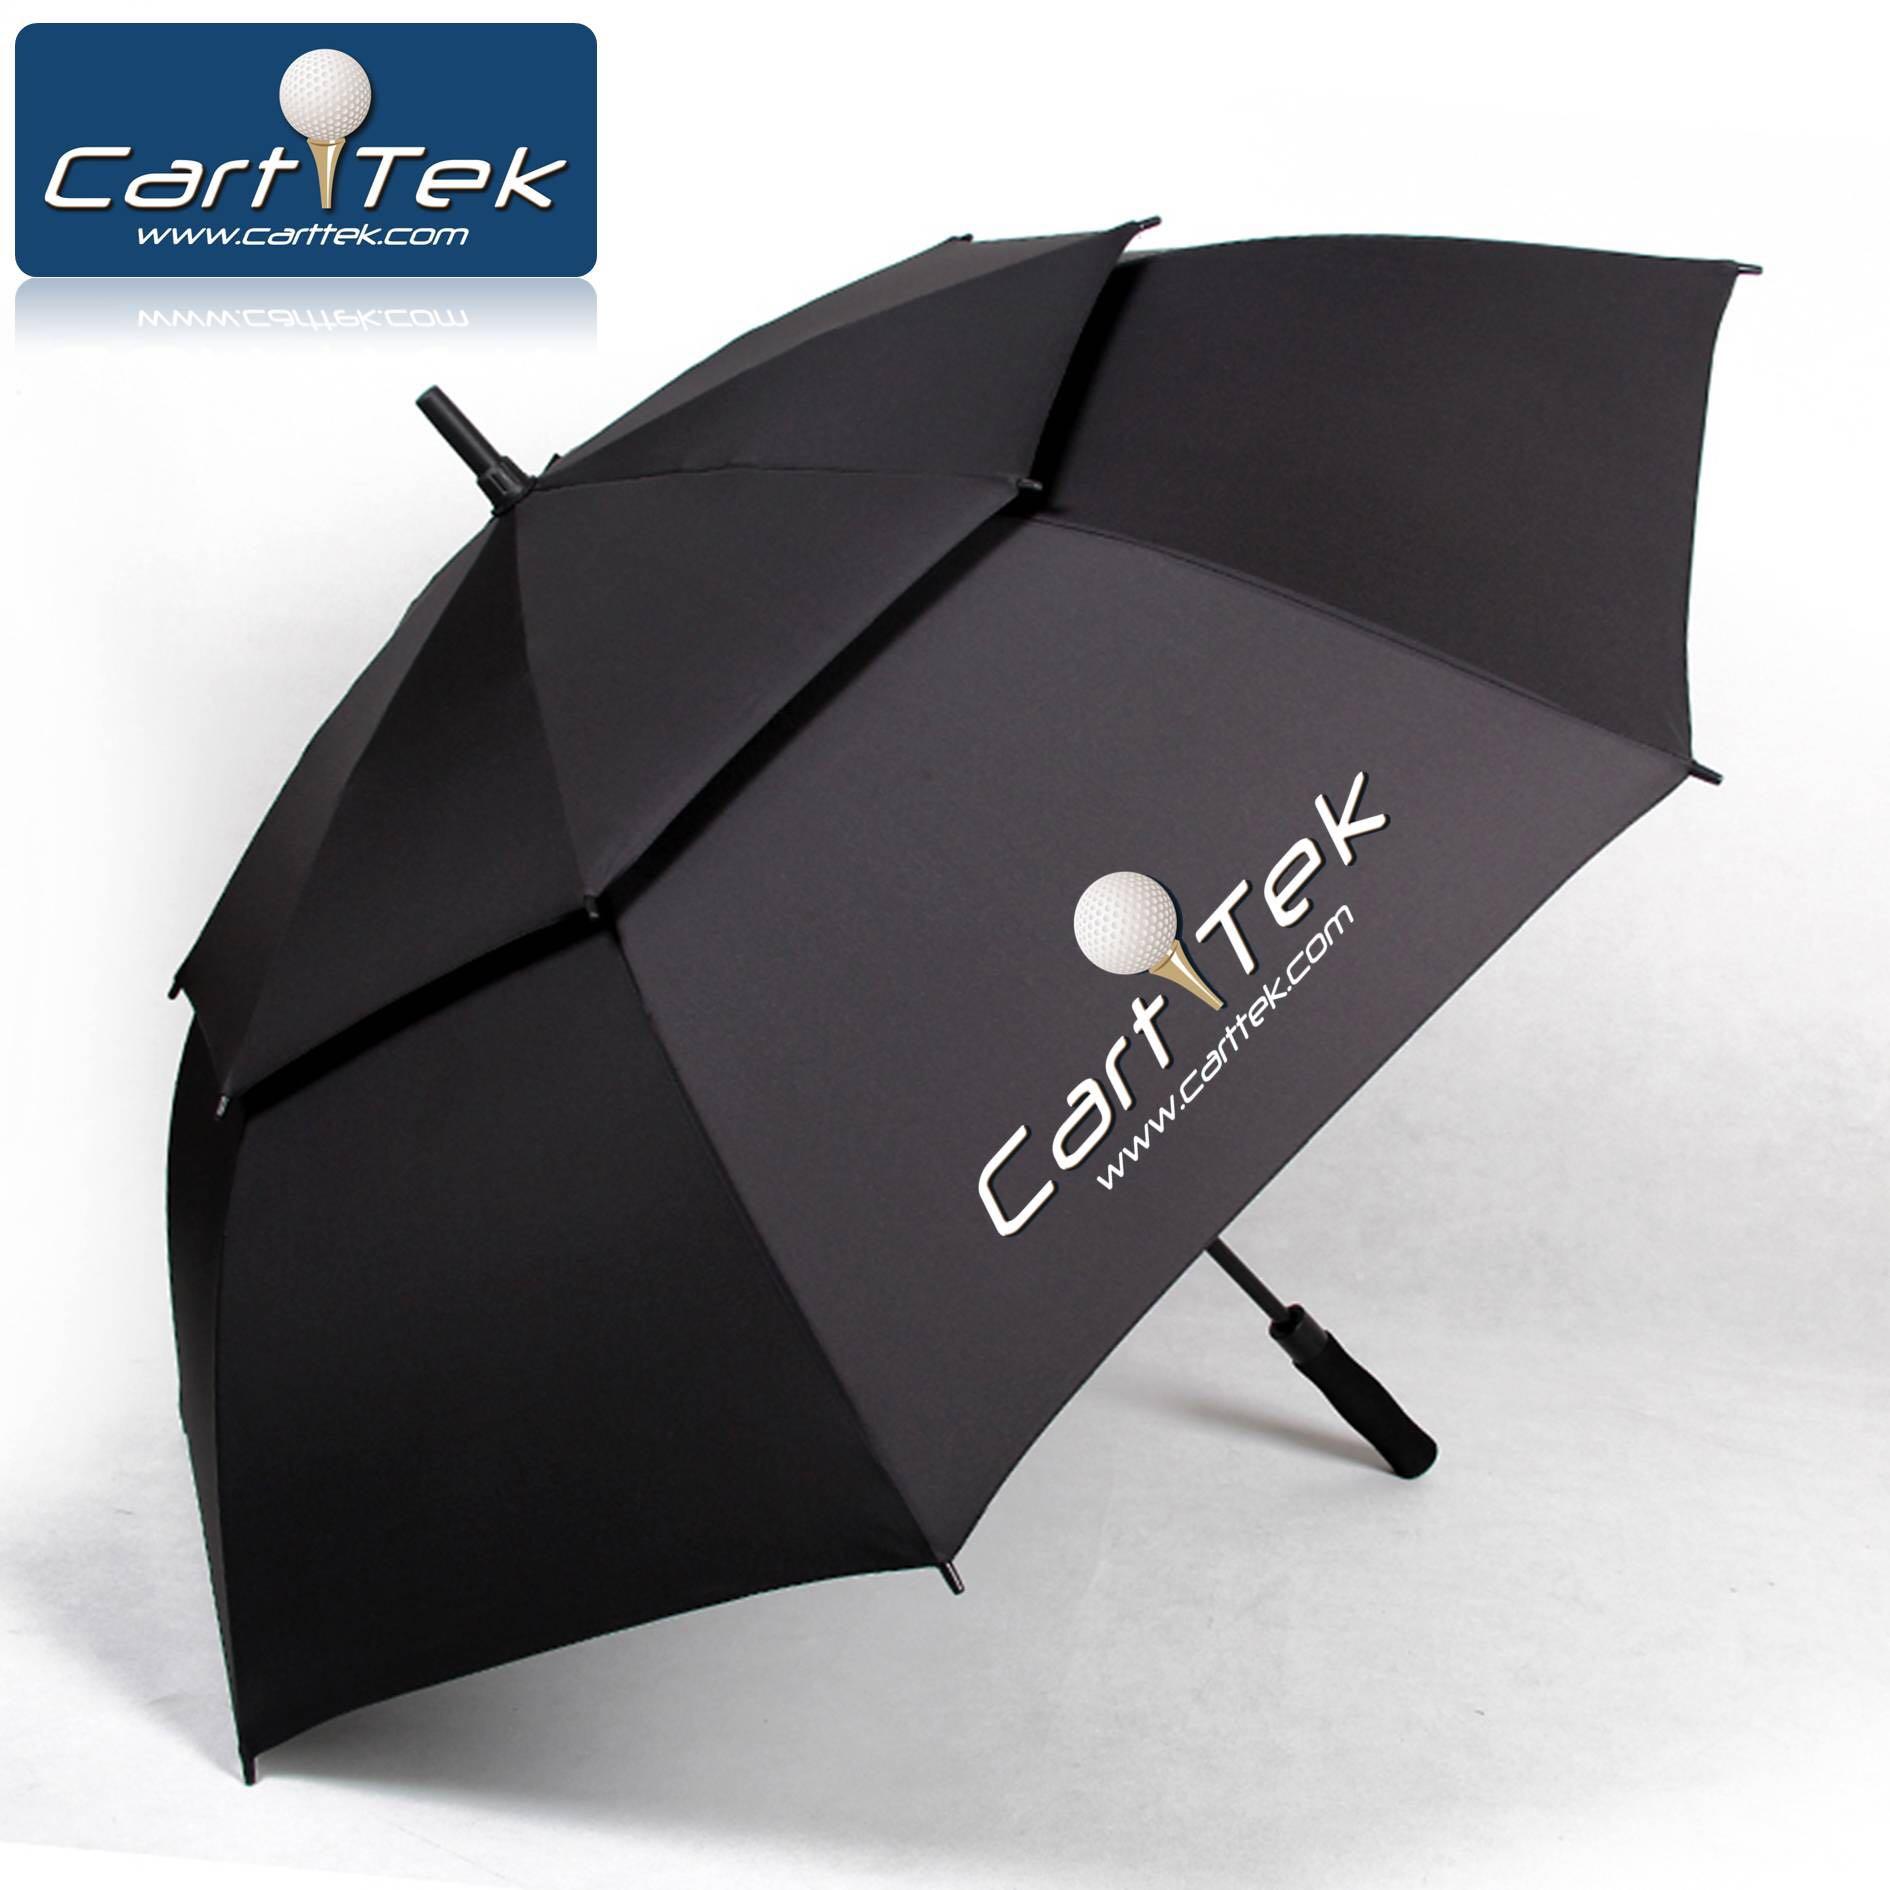 纤维破风防紫外线高尔夫球伞